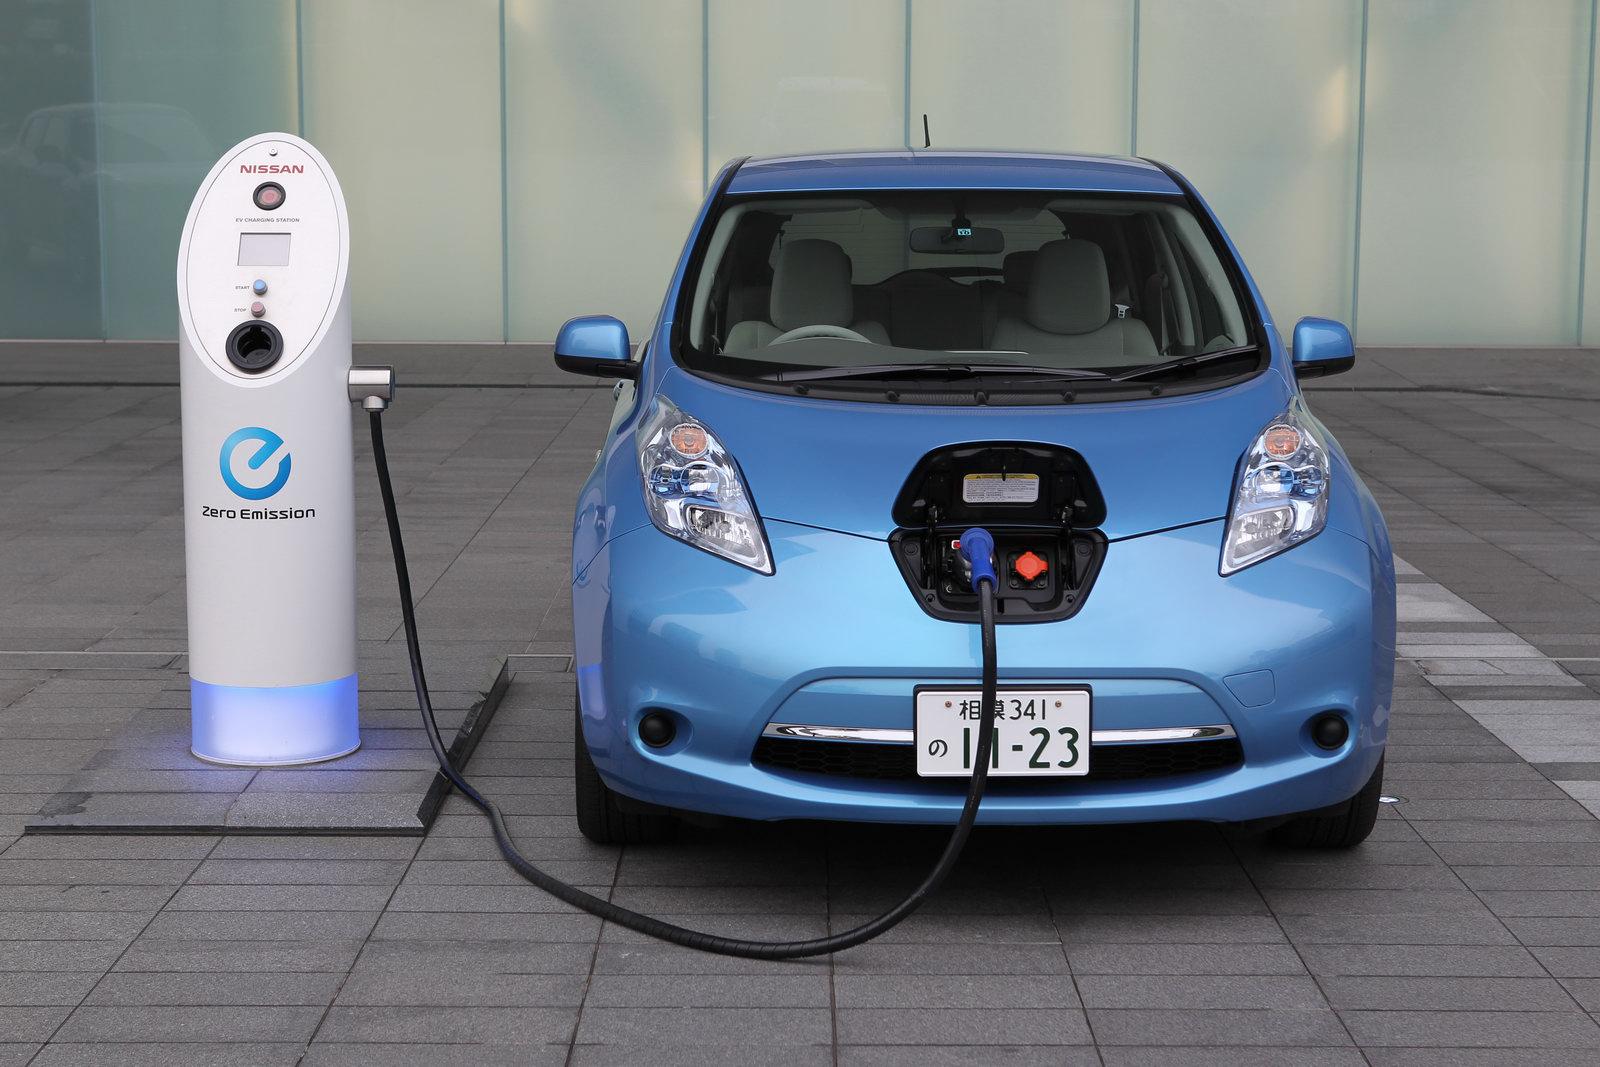 Estos son los avances que tendrá el coche autónomo a lo largo de los próximos años